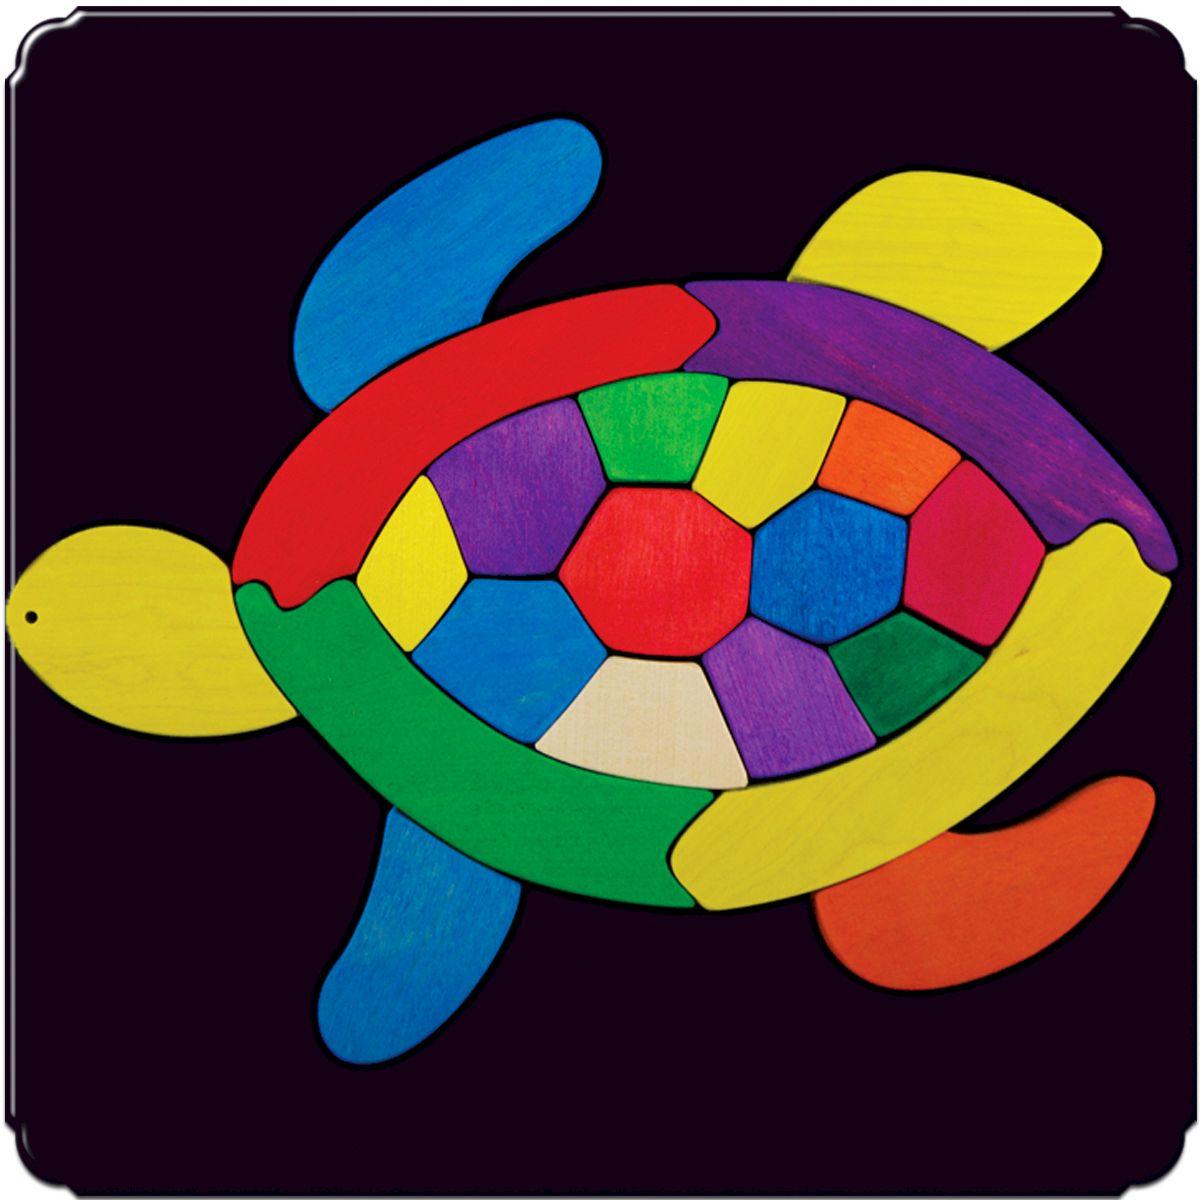 Деревяшкино Пазл для малышей Черепашка110Красочная игрушка-головоломка из натурального дерева на магнитной доске. Незаменима в машине, поездке – в любом месте, где Вашему малышу удобно играть. Удивительный мир ярких красок и фантазий везде с Вами! Каждая деталька мозаики крепко держится на магнитной доске. Ваш юный фантазер сможет не только решить сложную задачу: собрать головоломку как на картинке, но и, используя фантазию, сможет создать уникальные и неповторимые композиции. Объединяйте несколько наборов – будет интереснее! Все детали выполнены из натурального дерева, окрашены безопасной пищевой краской. Деревянные игрушки дают возможность ощутить структуру, плотность, вес, запах материала. Ребенок получает правдивую информацию об окружающем мире. Развивает: мелкую моторику, абстрактное и логическое мышление, понимание цветов, геометрических форм. Методические рекомендации: объясните малышу почему детальки держатся на доске. Объясните как правильно собрать мозаику, но не помогайте в трудных местах. Попросите ребенка...